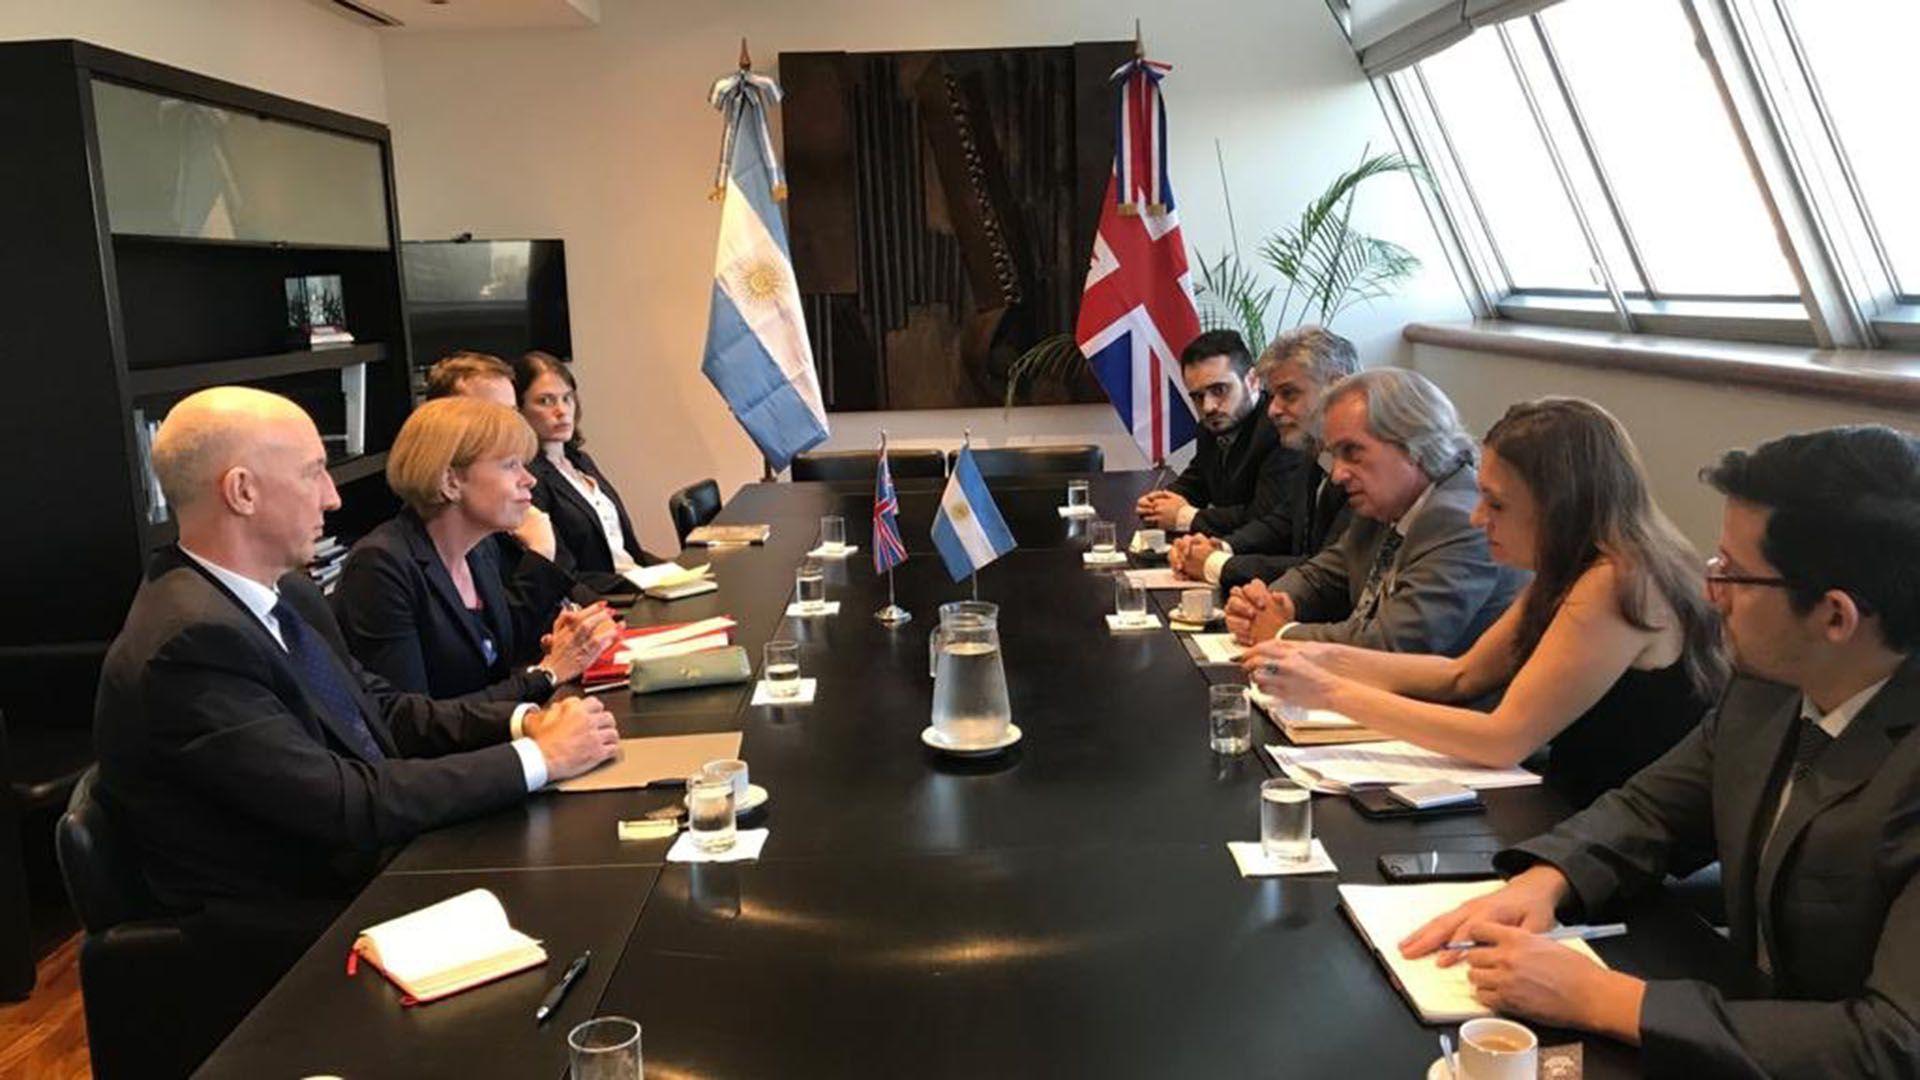 La vicecanciller Morton y el embajador Kent, durante la reunión que mantuvo con el vicecanciller Tettamanti y su equipo